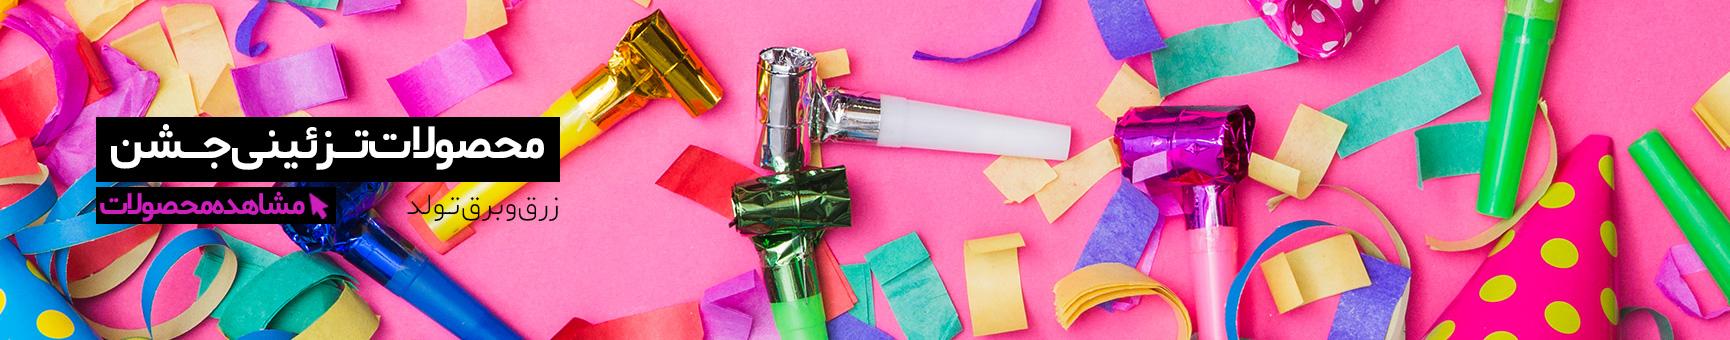 محصولات تزئینی جشن - هورا-لوازم جشن و تولد